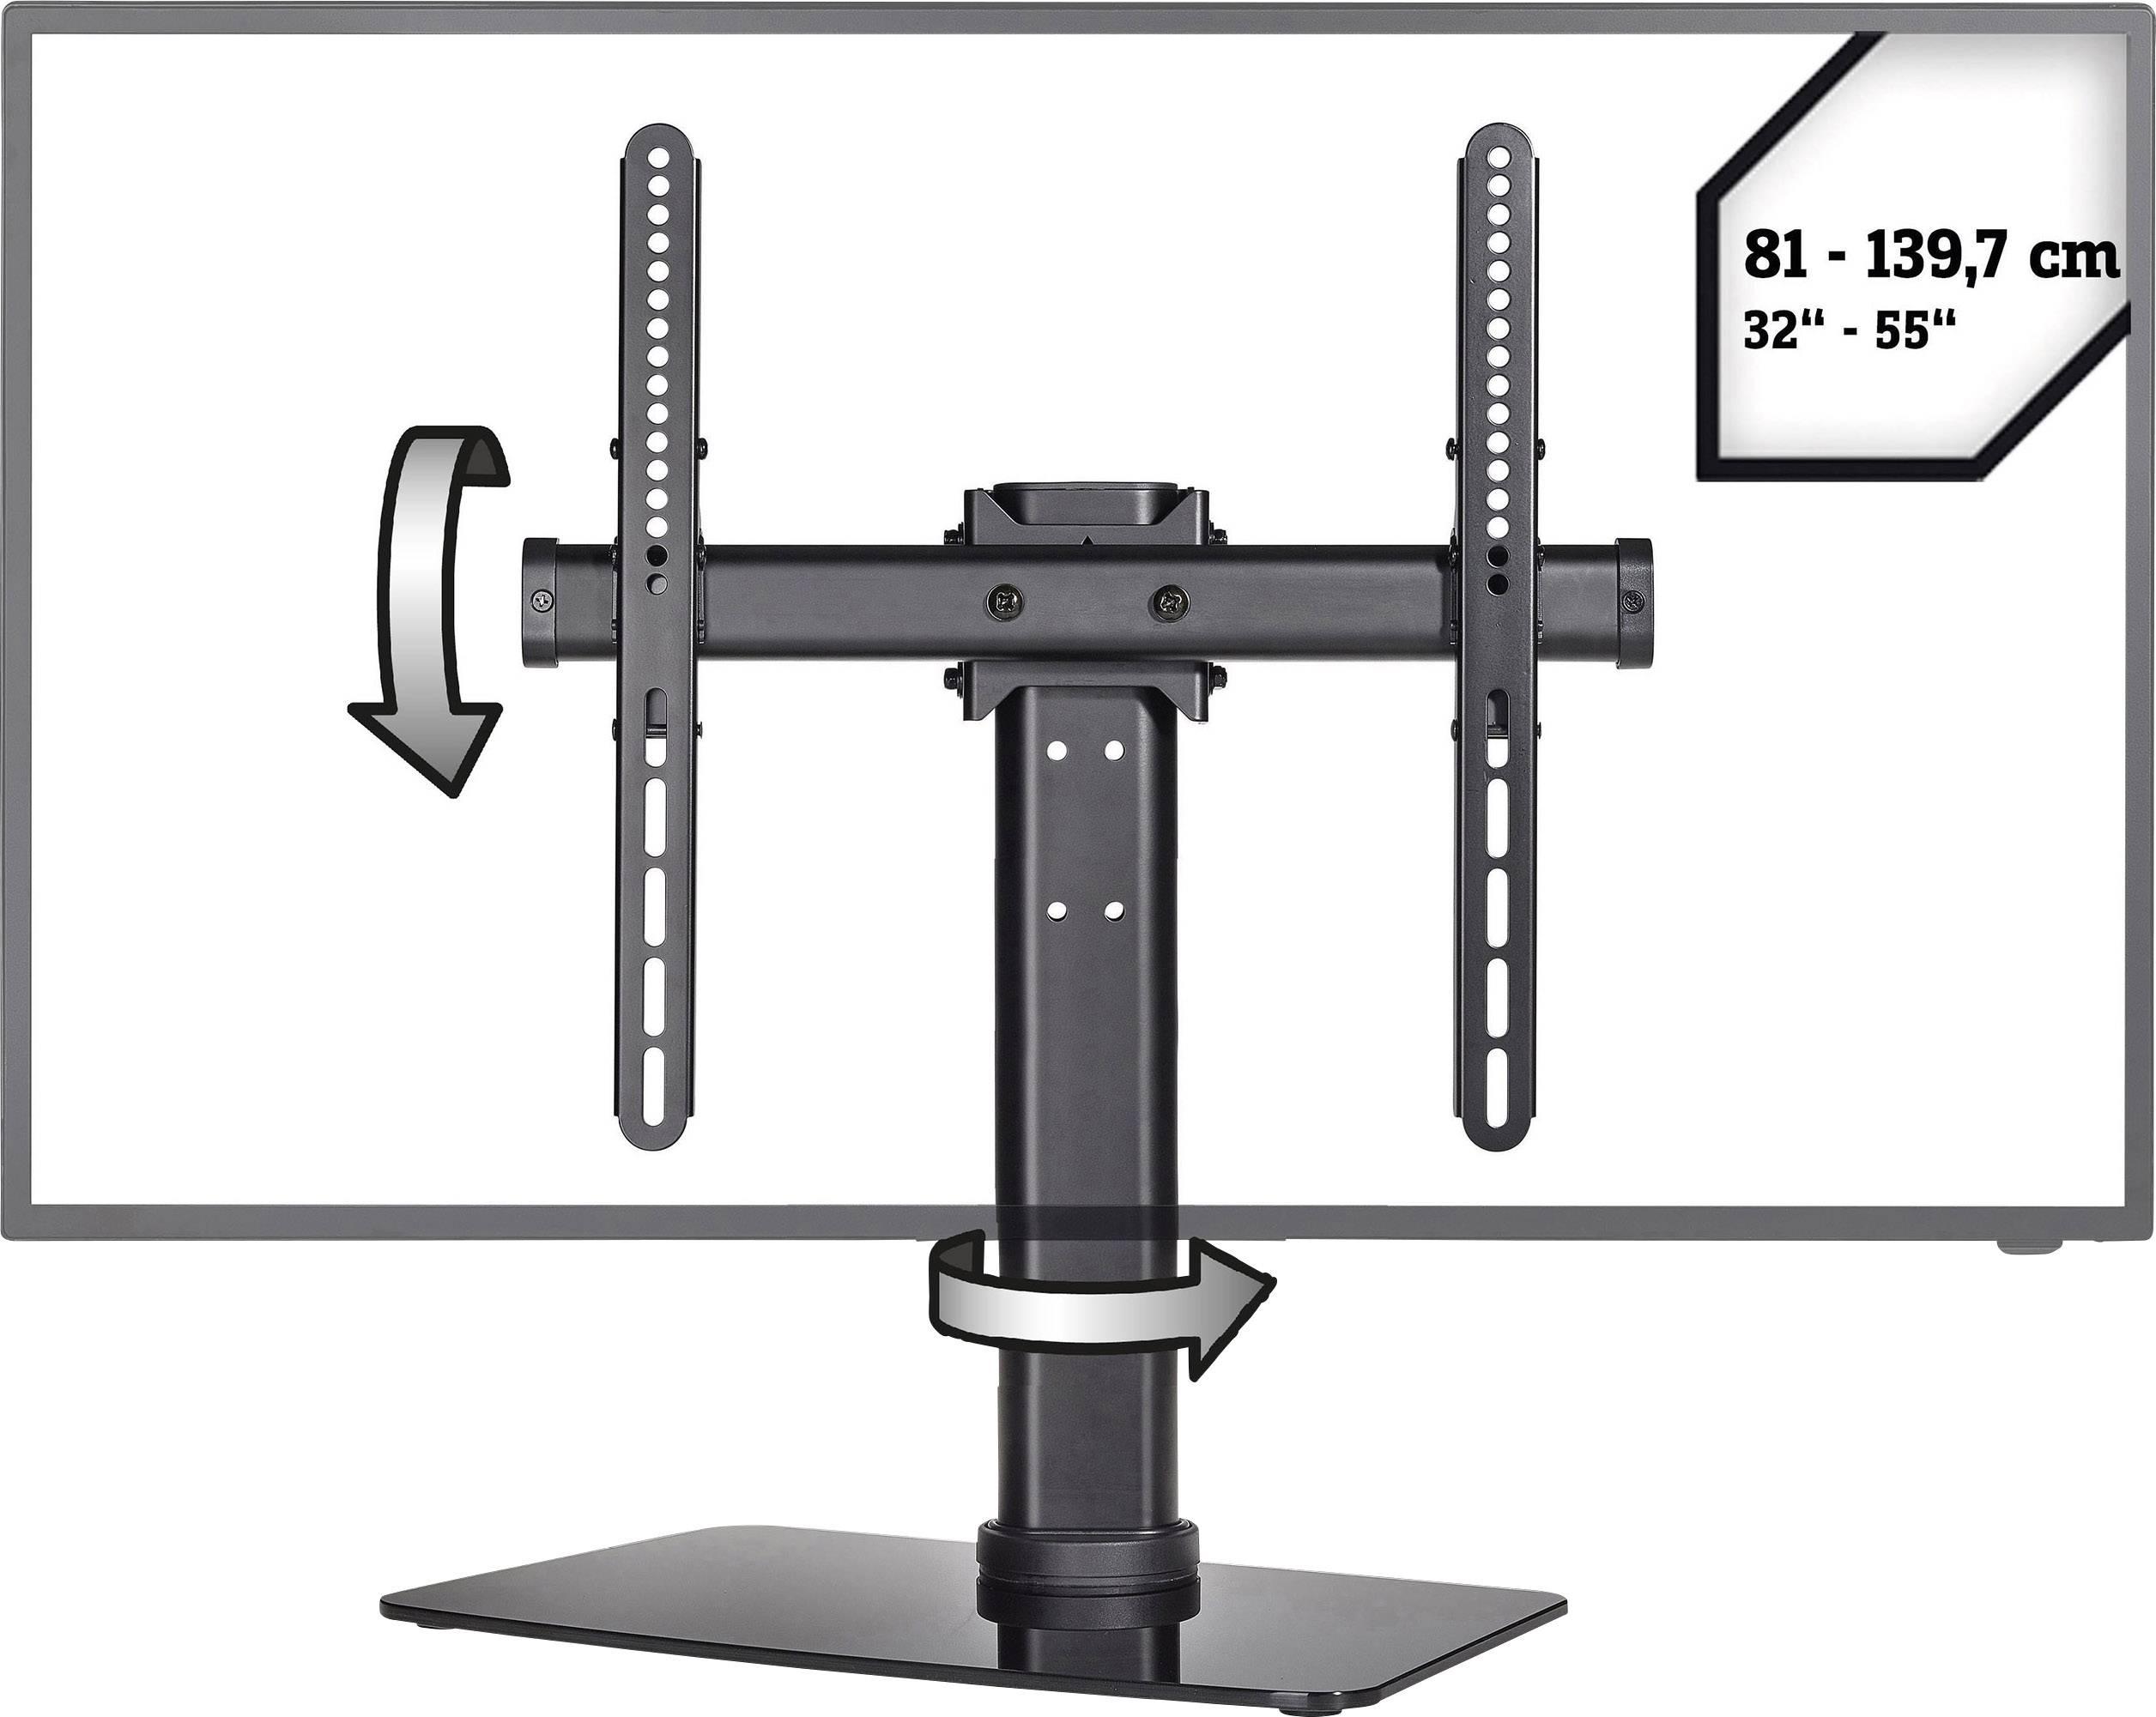 """TV stojan SpeaKa Professional SP-TT-05, naklápěcí + nakláněcí, 81,3 cm (32"""") - 139,7 cm (55"""")"""